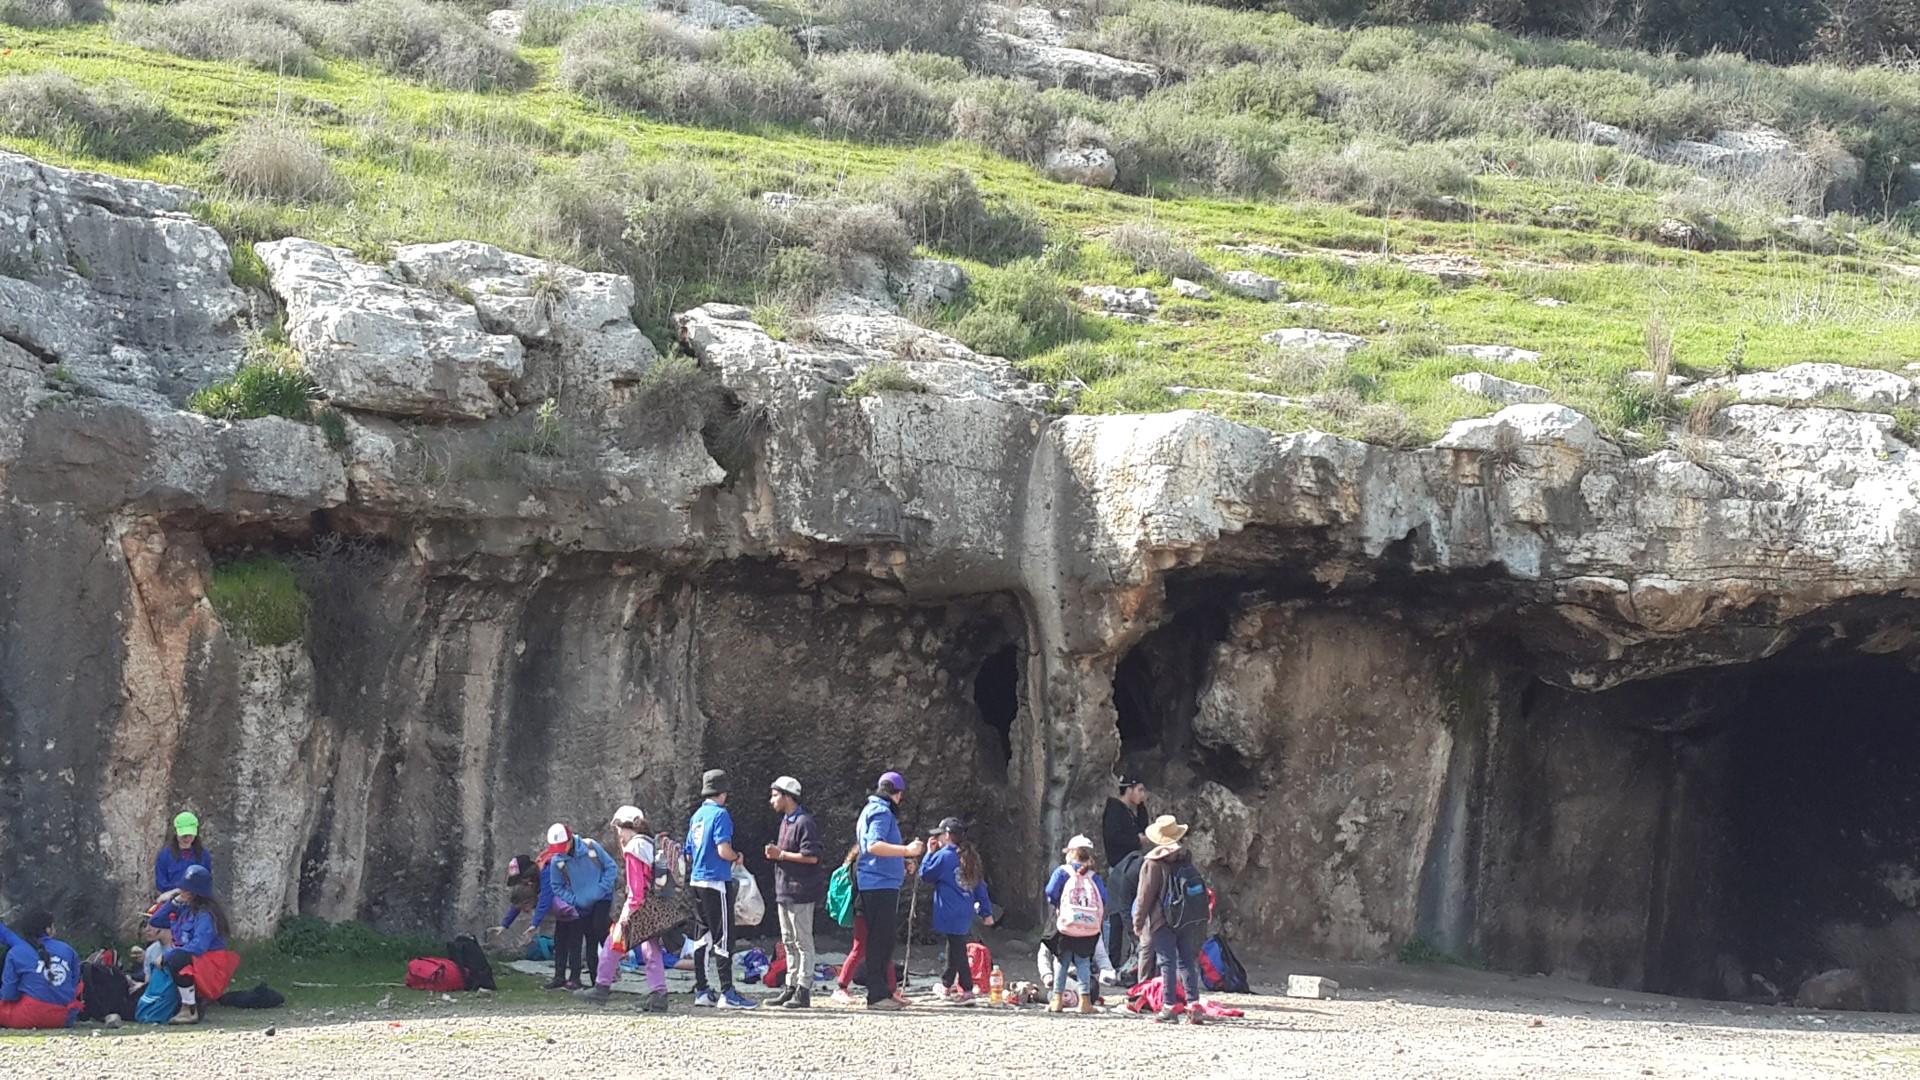 חניכי קן מיתר מבקרים במערות של האדם הקדמון.